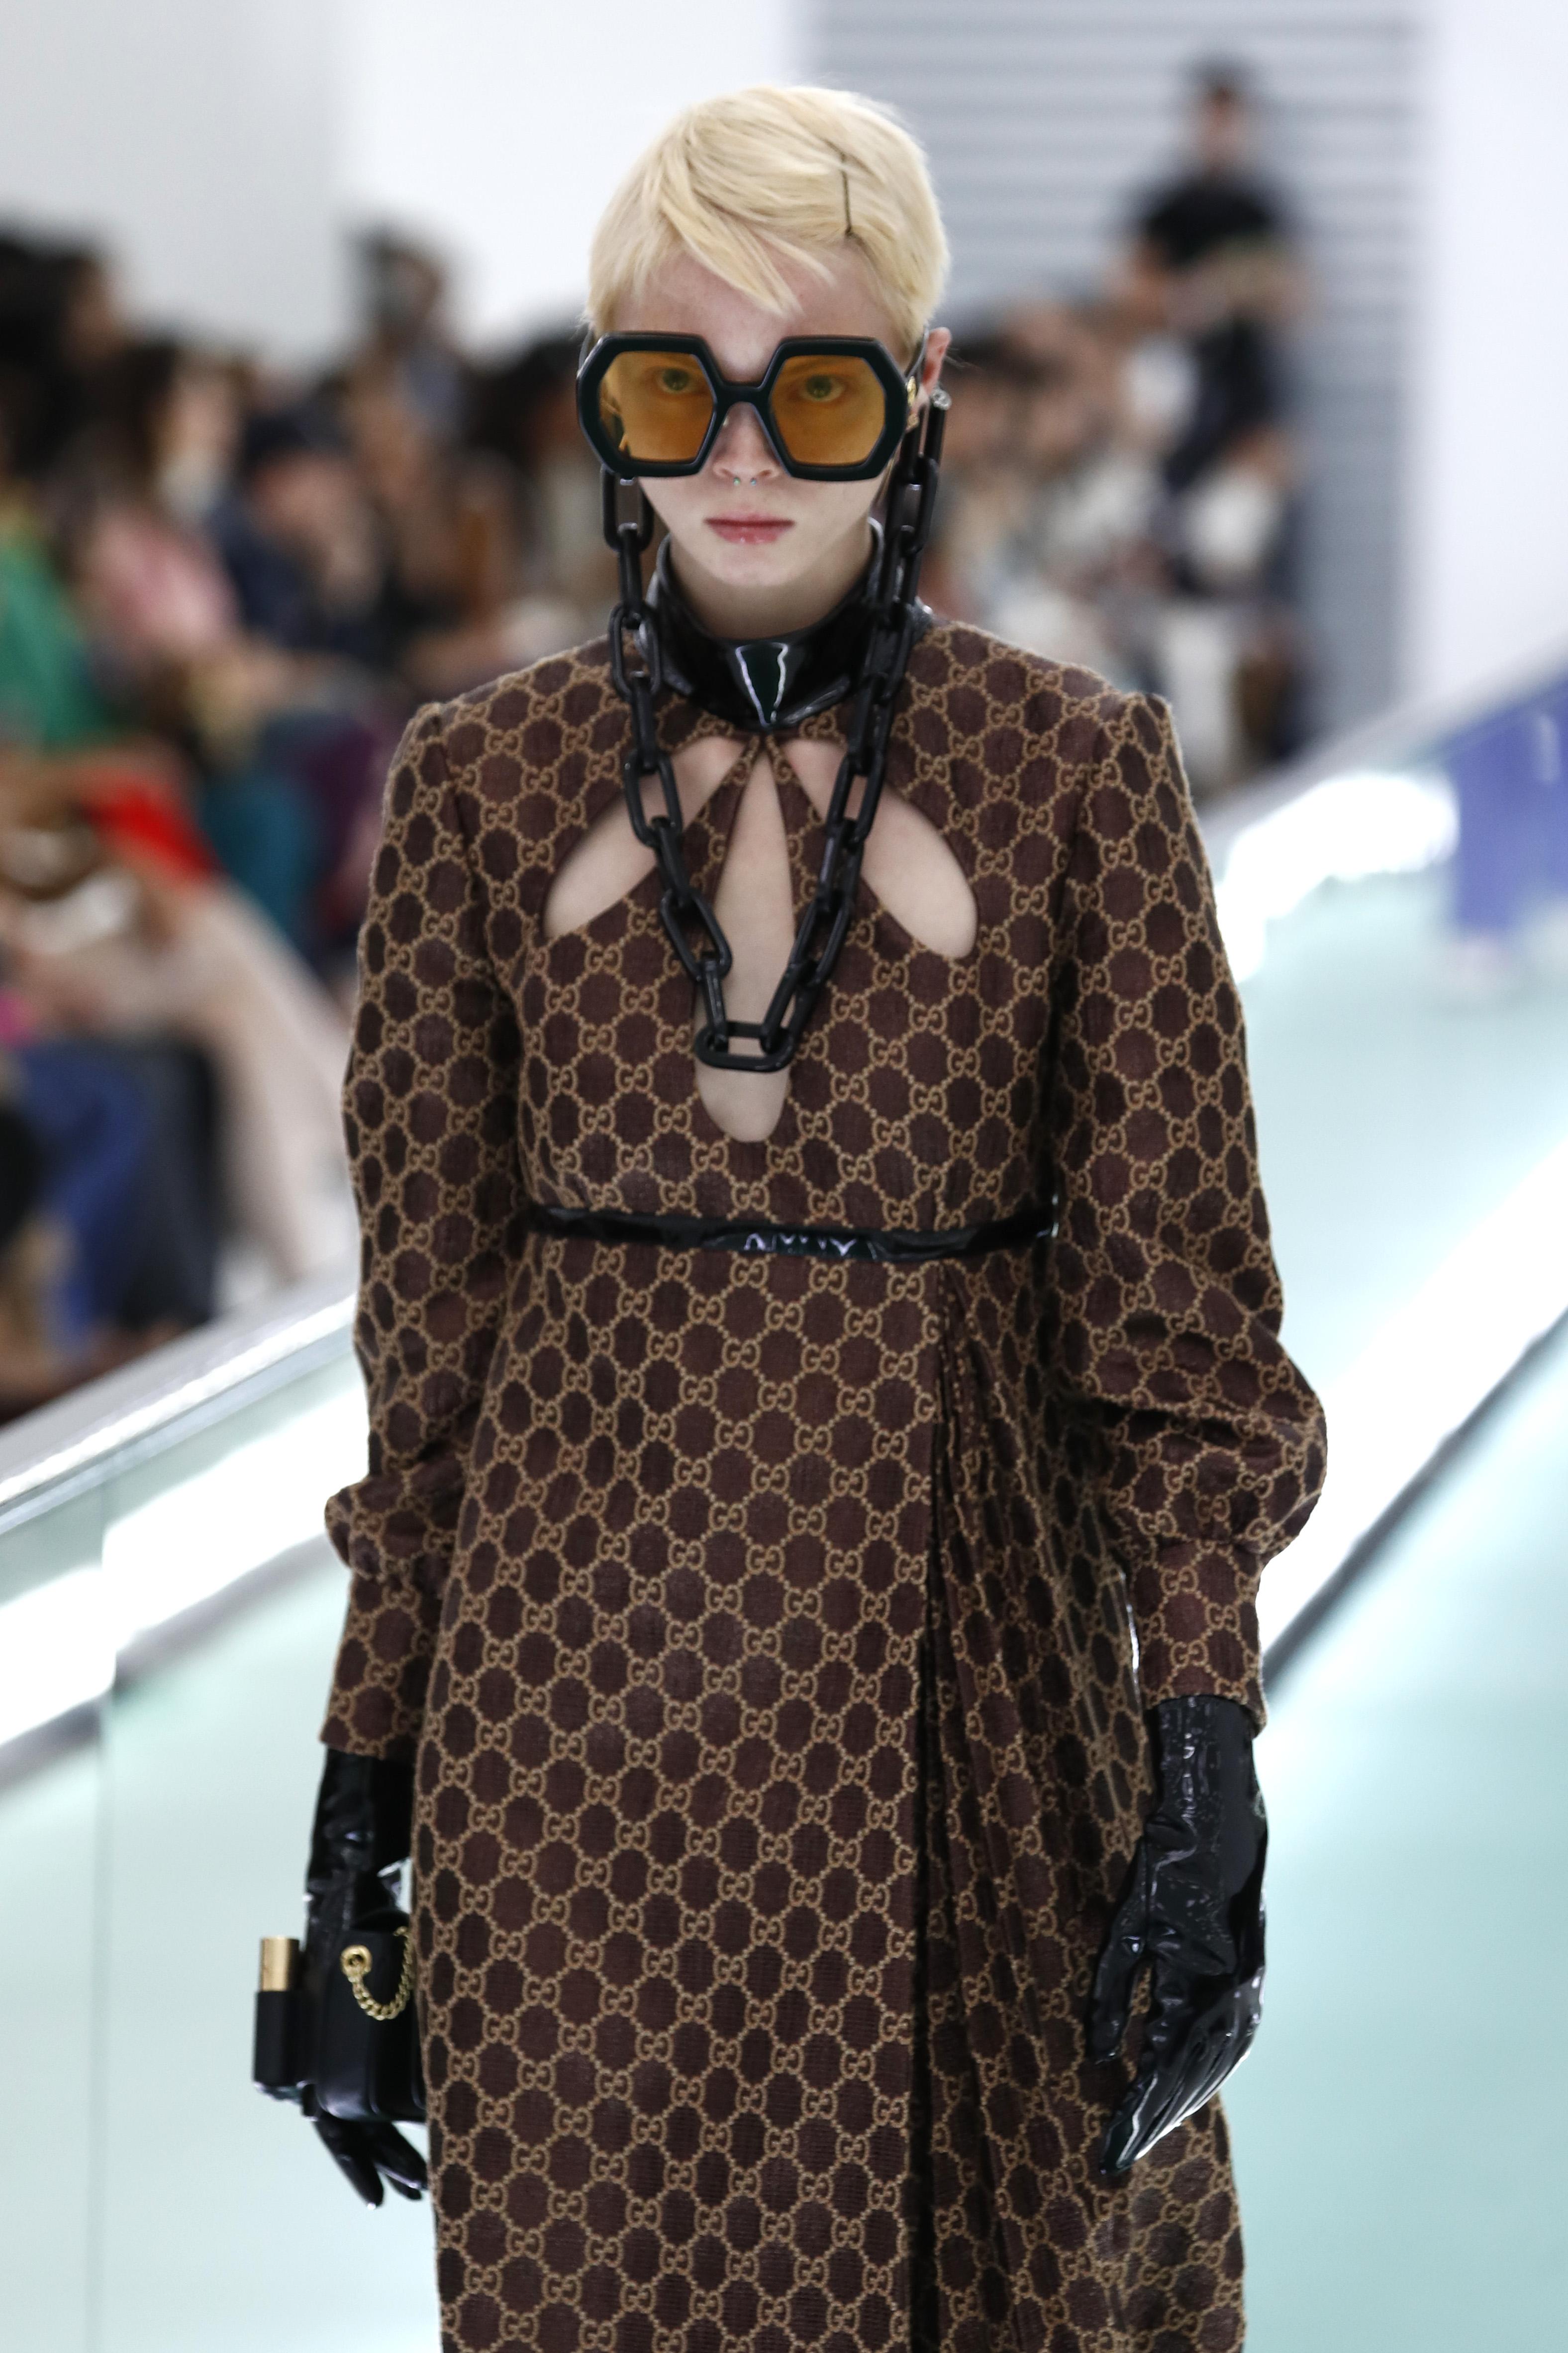 Gucci SS 2020